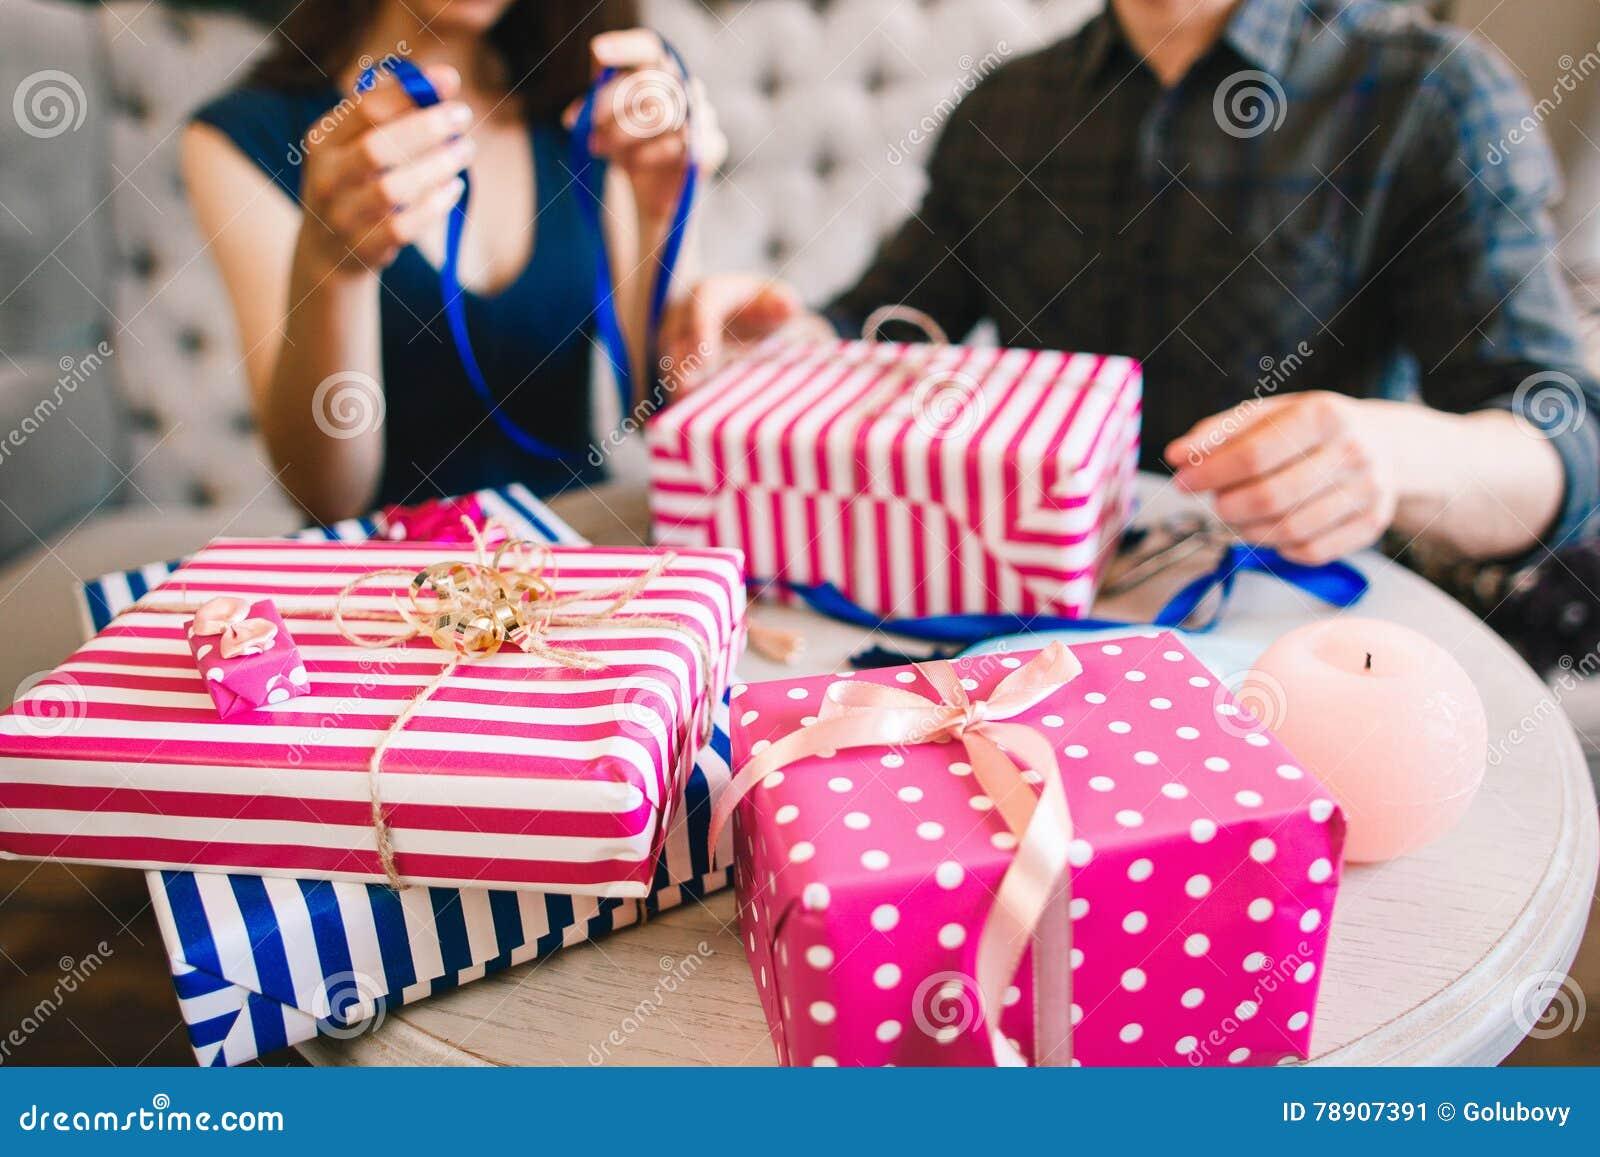 Weihnachtsgeschenke Für Familie.Paare Die Geschenke Für Familie Und Freunde Einwickeln Stockbild